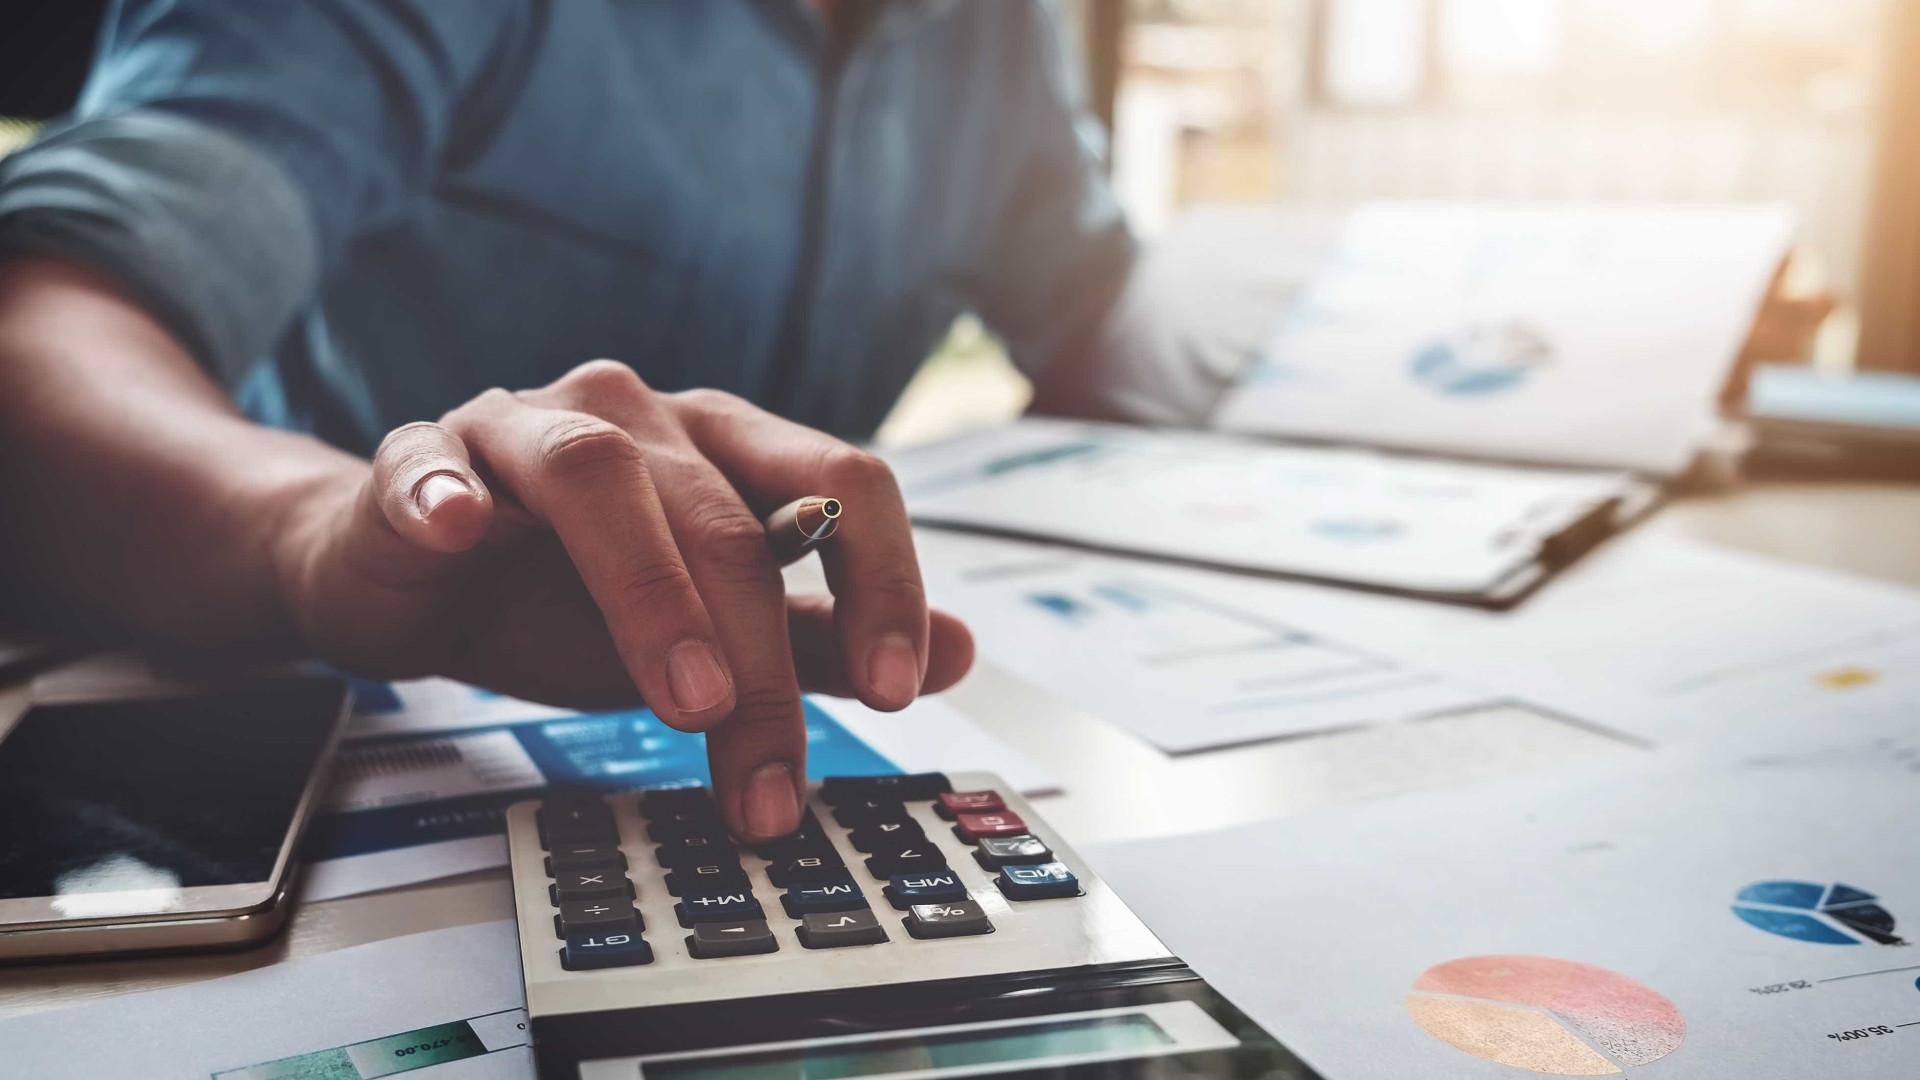 Contas de começo de ano podem até triplicar os gastos do mês de janeiro